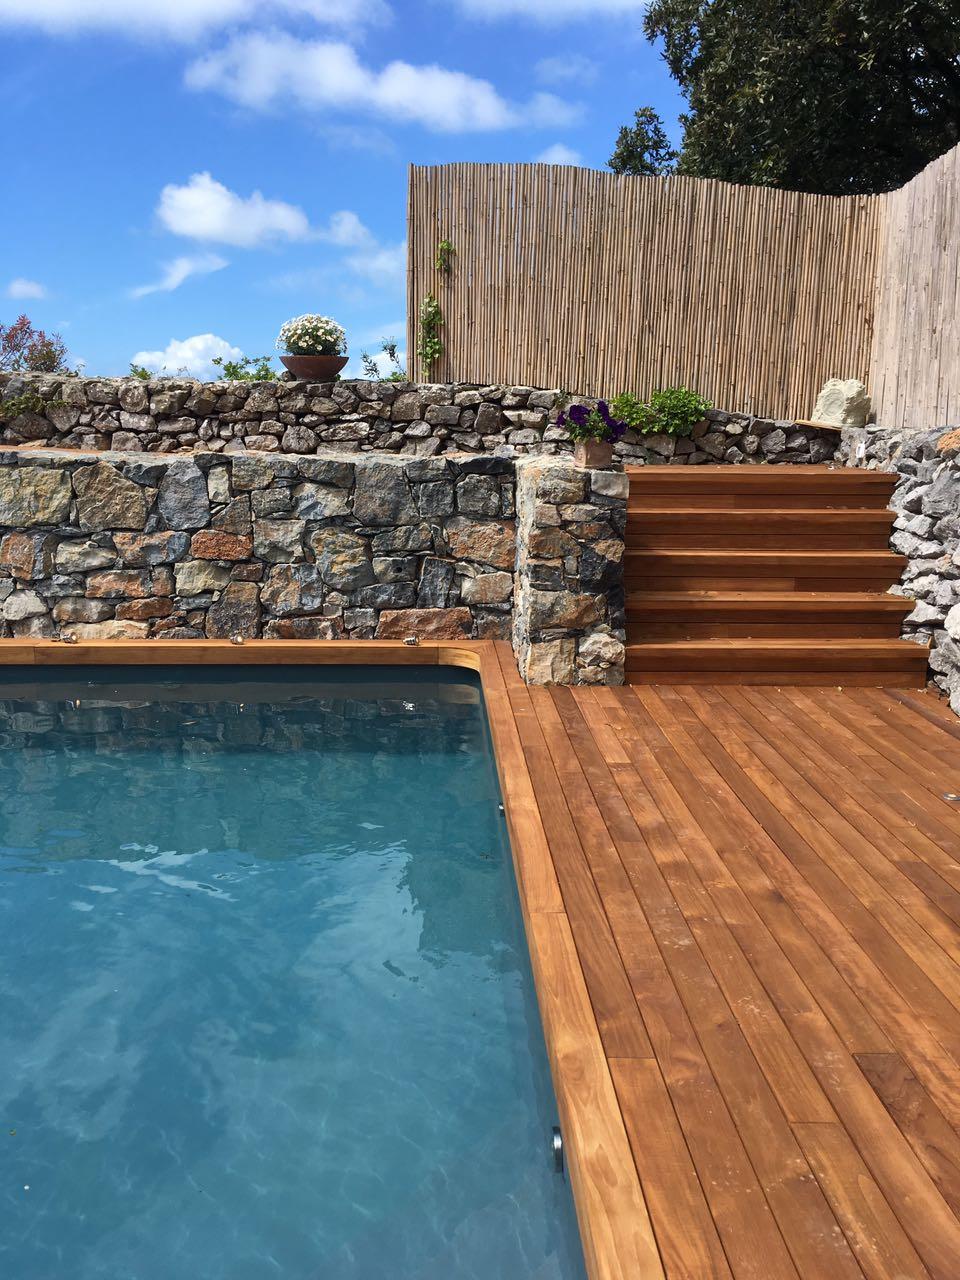 7. Realizzazione piscina interrata scoperta con pavimentazione e gradinate in doghe di legno, parapetto e parete in pietra naturale: lavori ultimati.